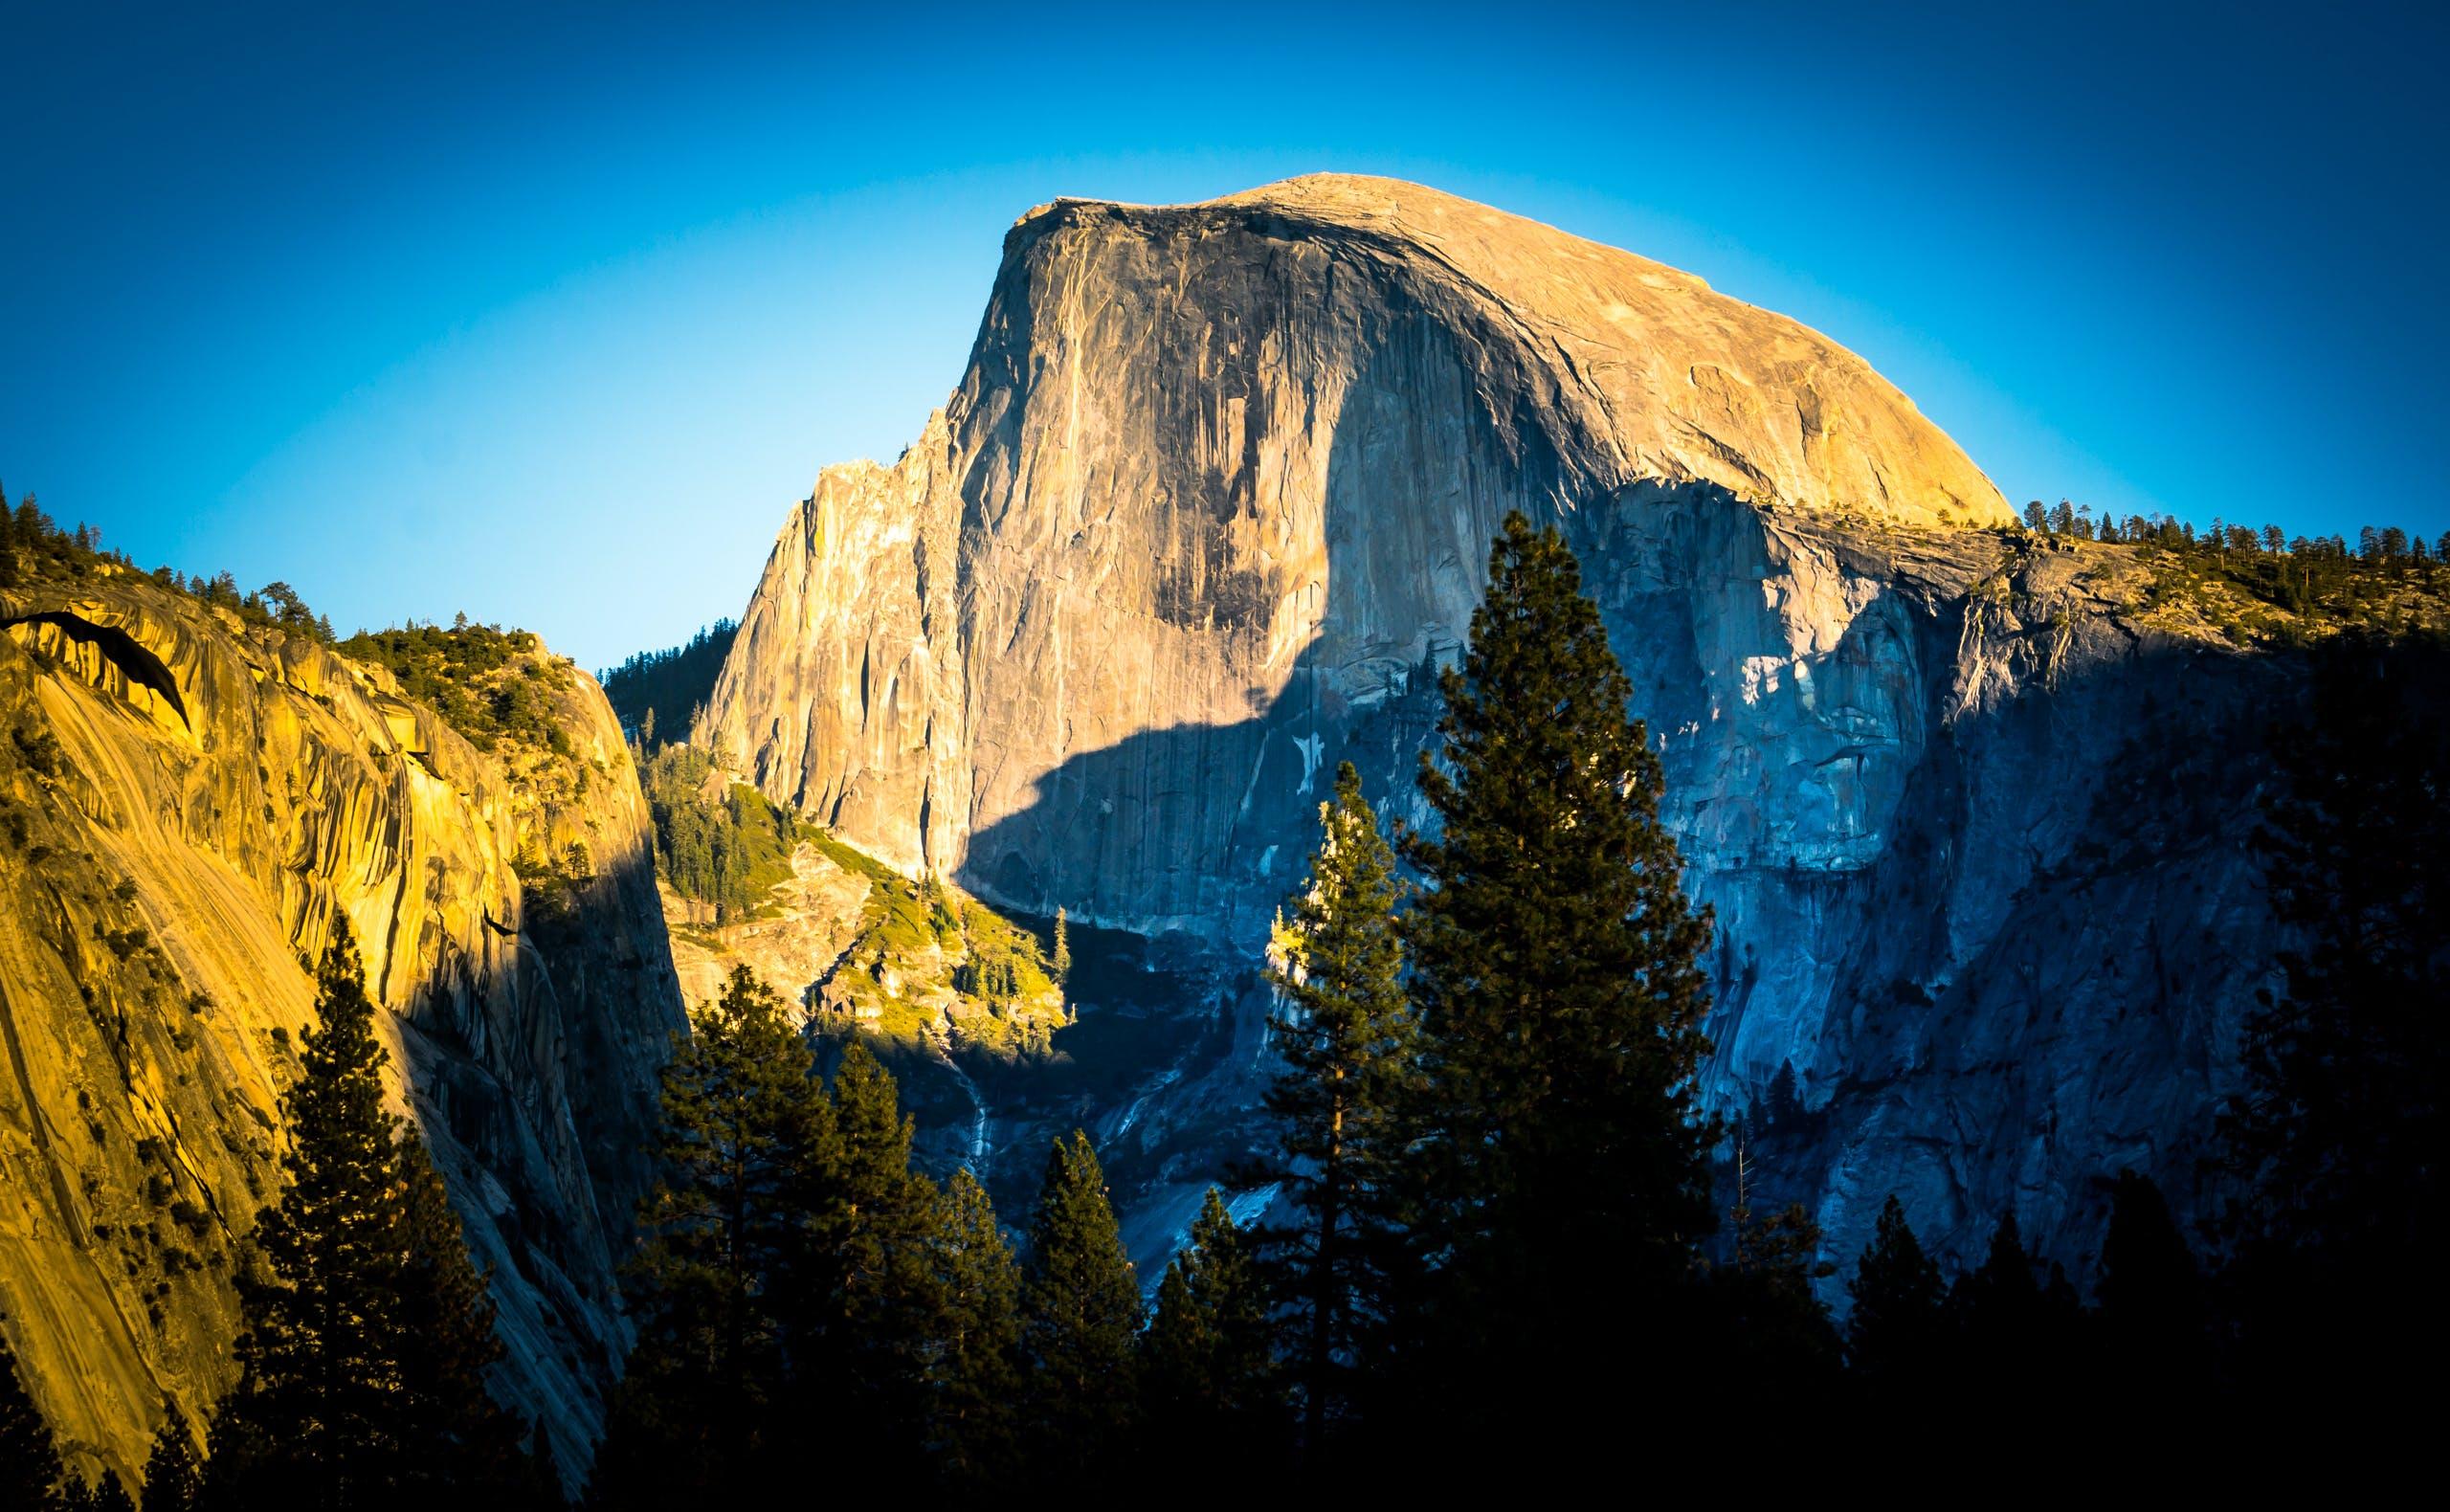 ağaçlar, çam ağaçları, doğa, kayalık içeren Ücretsiz stok fotoğraf